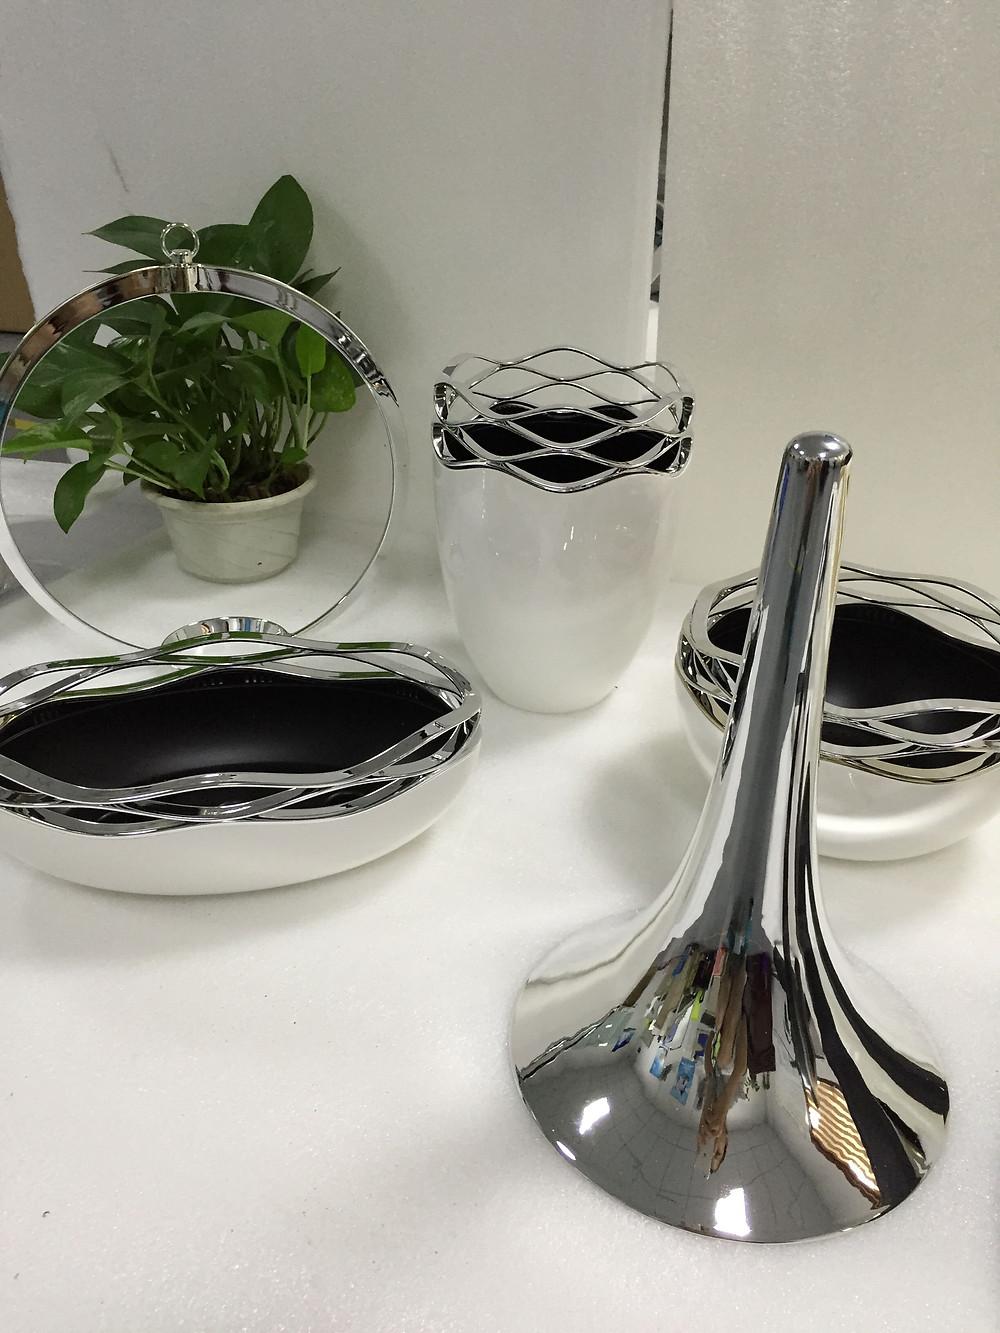 prototype-surface-finishing-of-chrome-plating-1